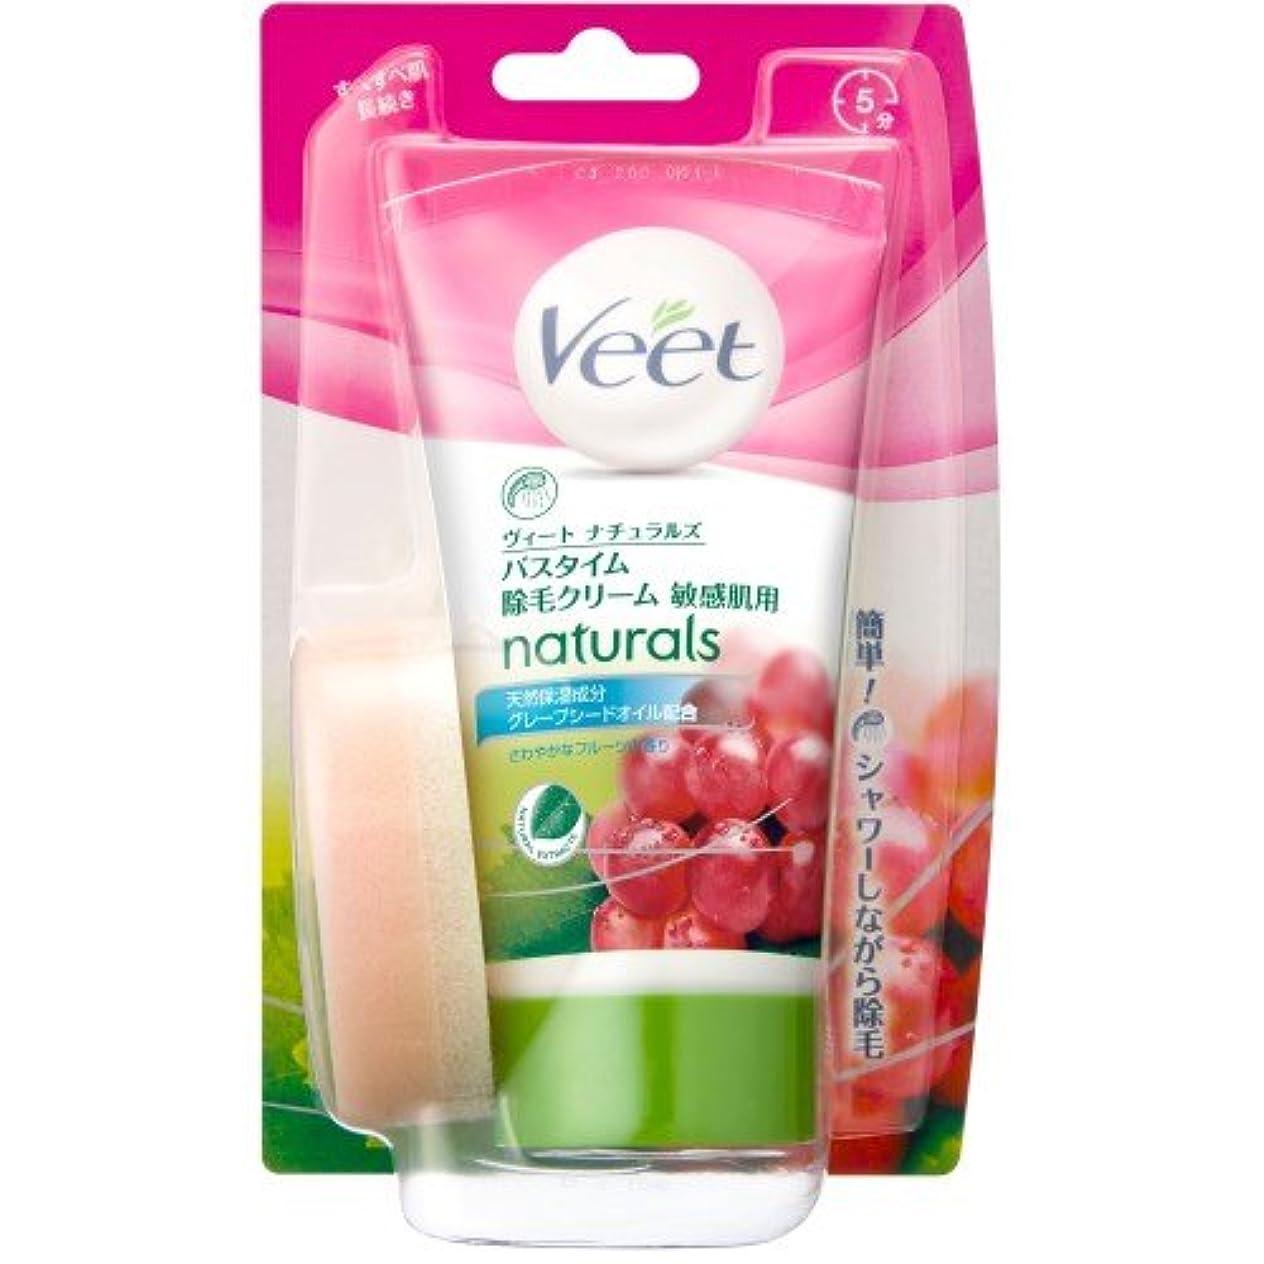 ピッチャー漫画仮定ヴィート バスタイムセン用 除毛クリーム 敏感肌用 150g (Veet Naturals In Shower Hair Removal Cream  Sensitive 150g)